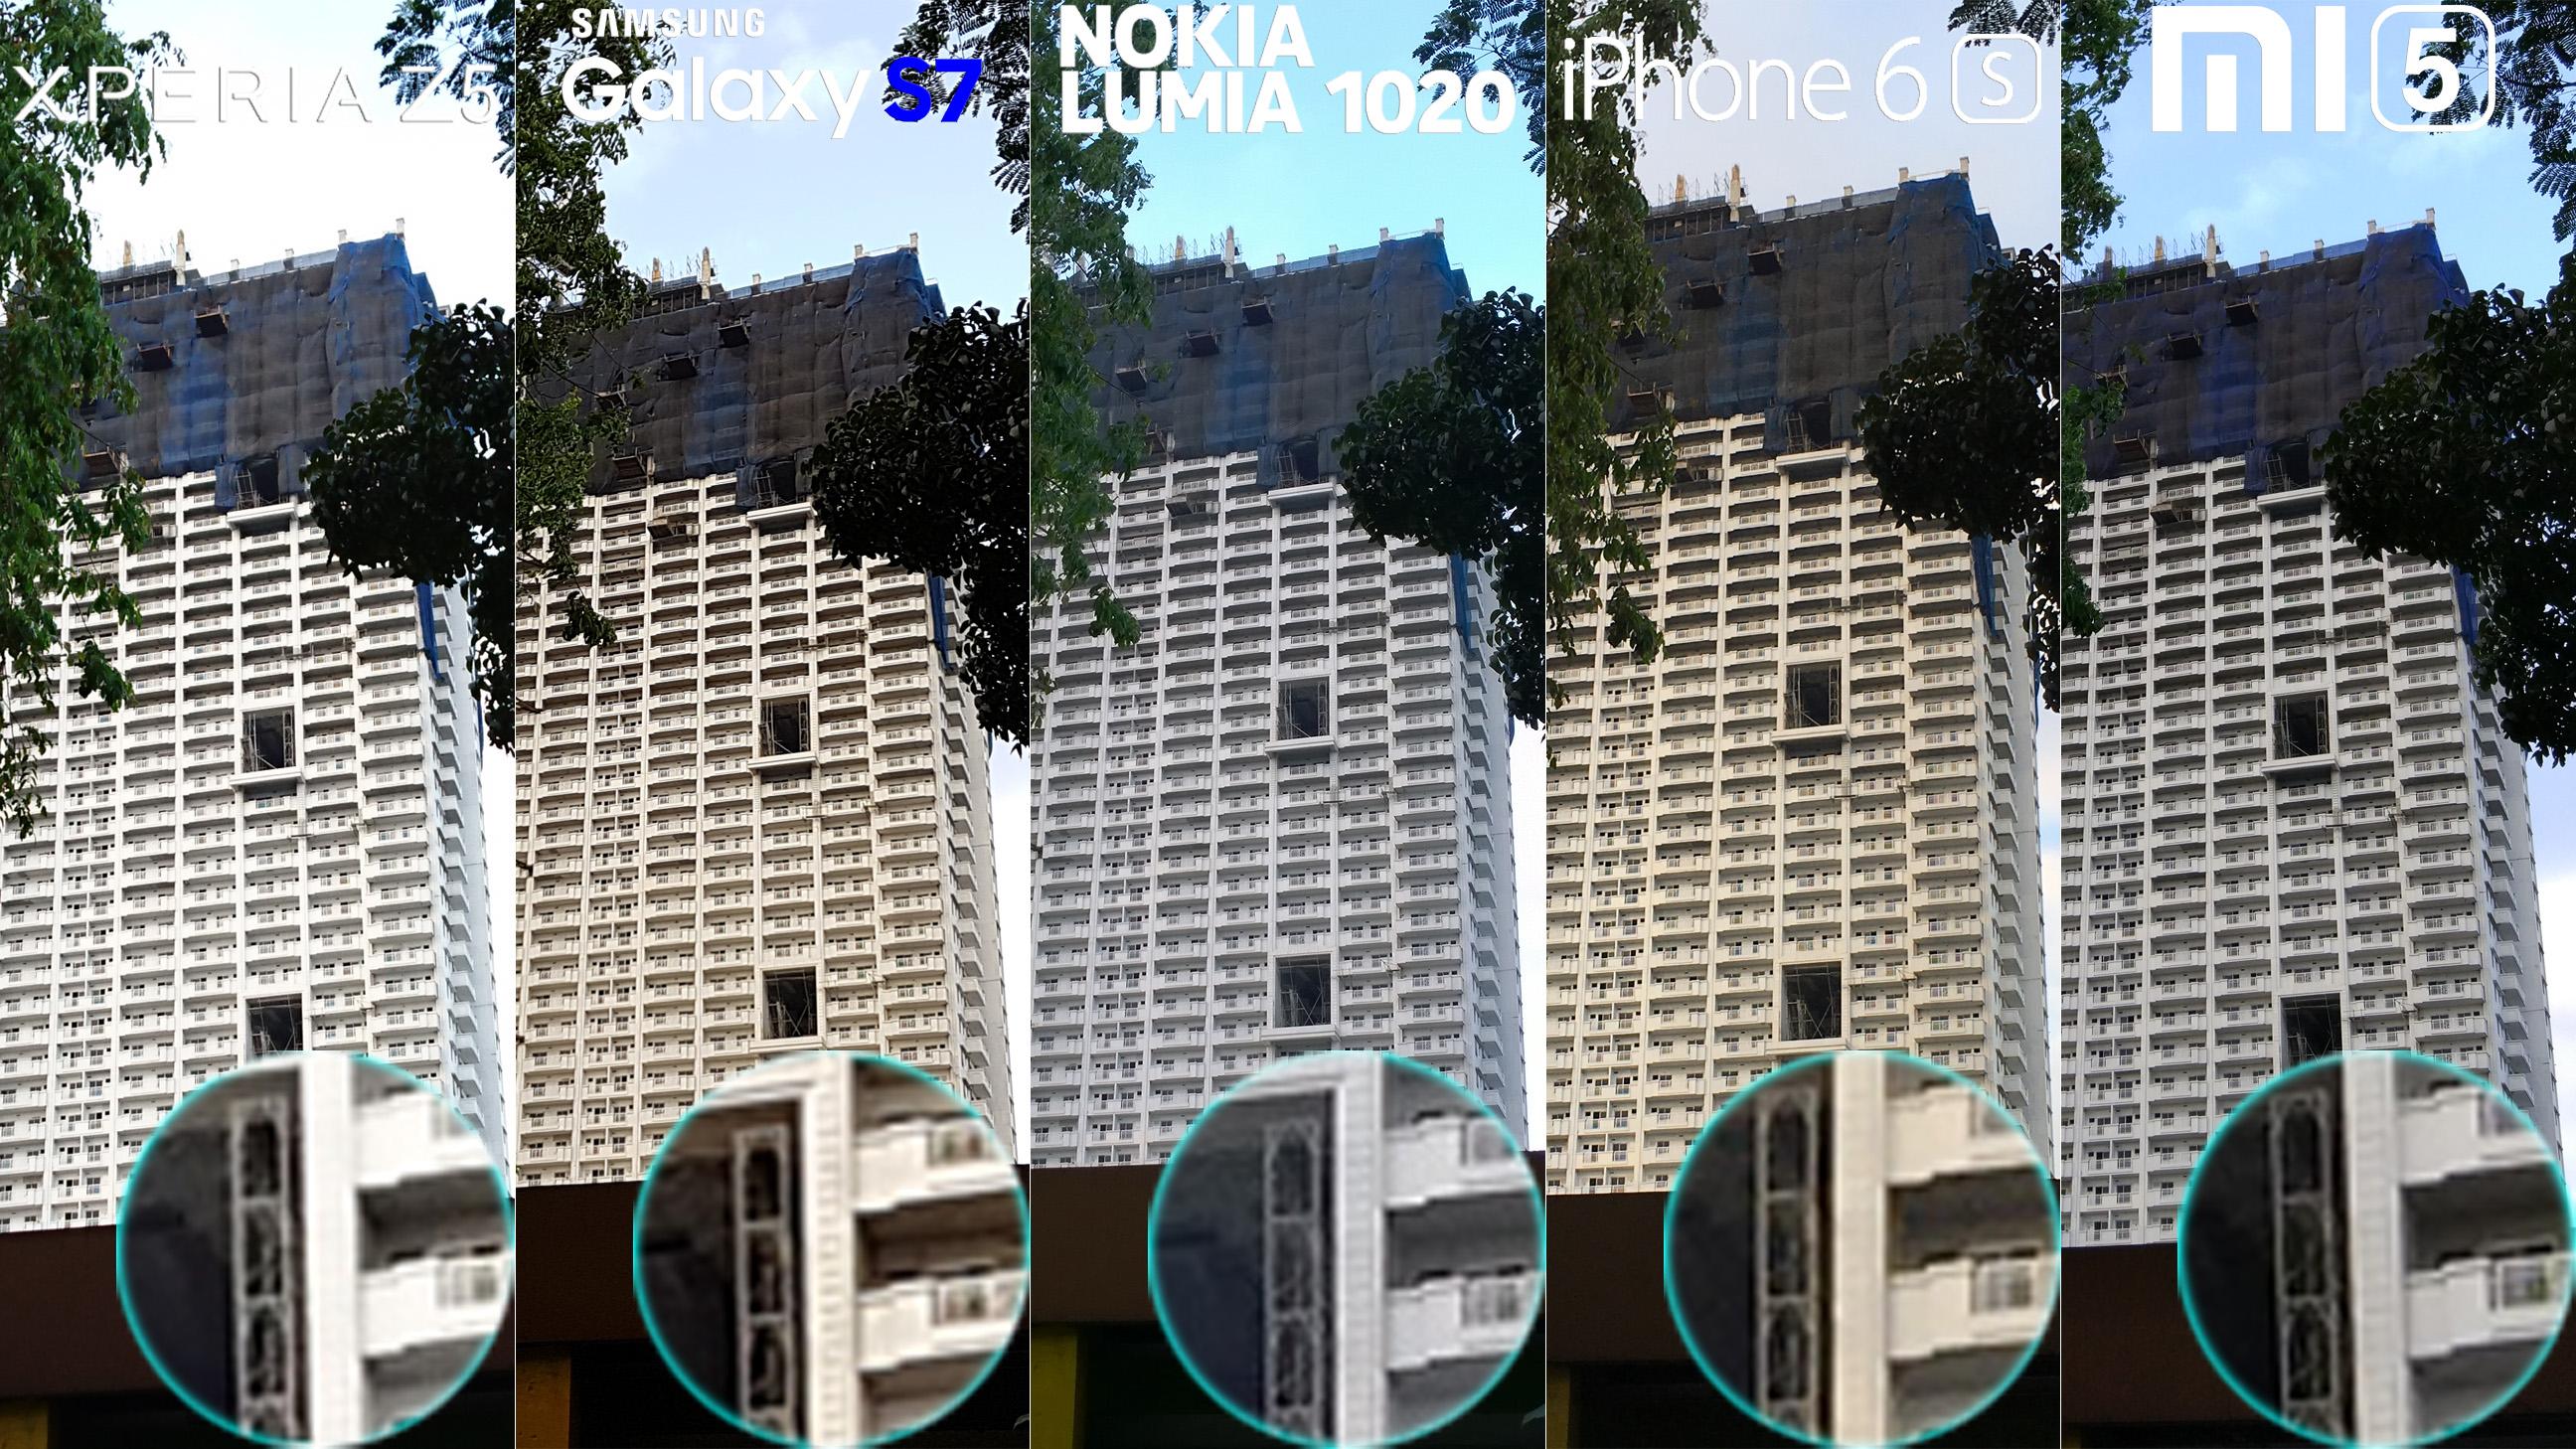 nokia lumia 1020 vs iphone 5s. galaxy s7 xperia z5 lumia 1020 iphone 6s xiaomi mi 5 camera review comaprison 6 nokia vs 5s